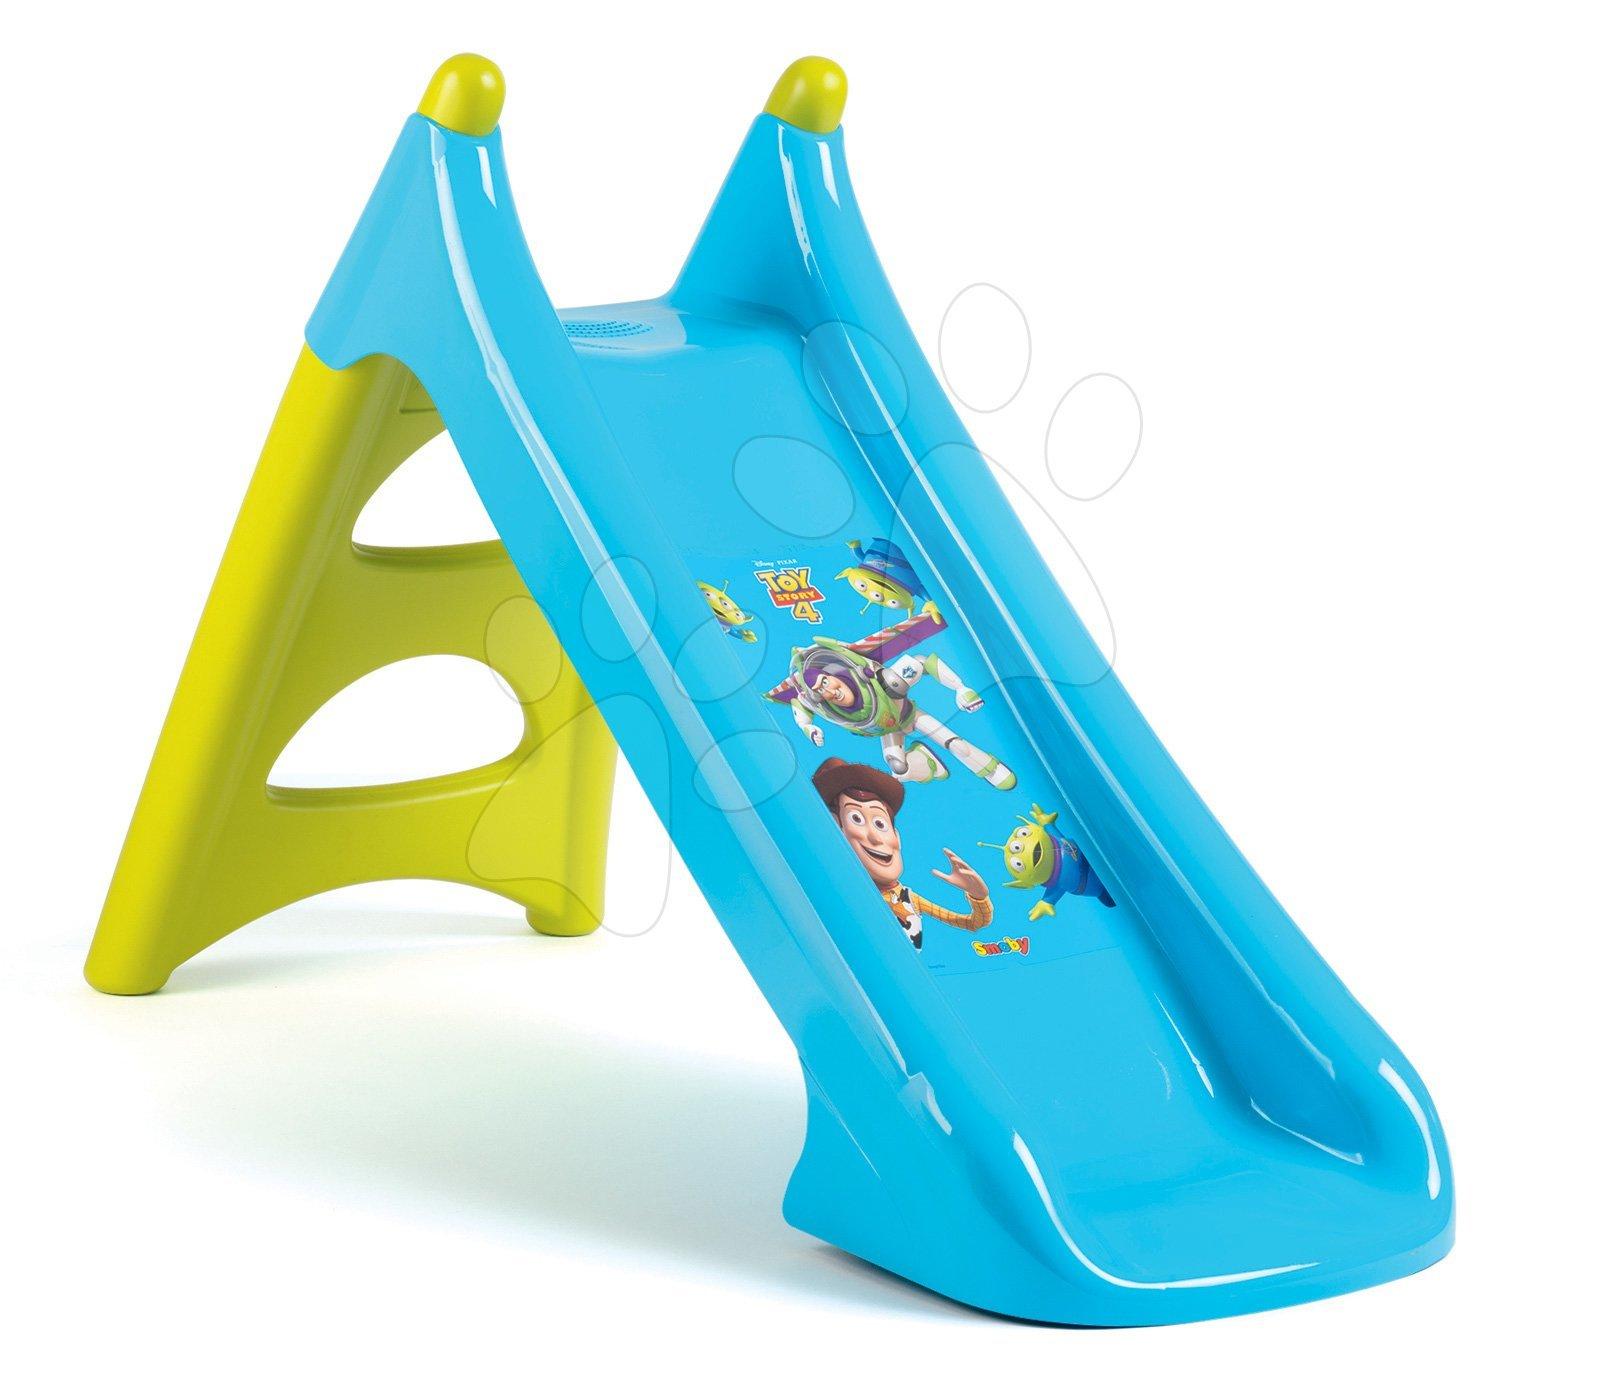 Šmykľavka Disney Toy Story Toboggan XS Smoby s vodotryskom 90 cm šmýkacia plocha od 2 rokov